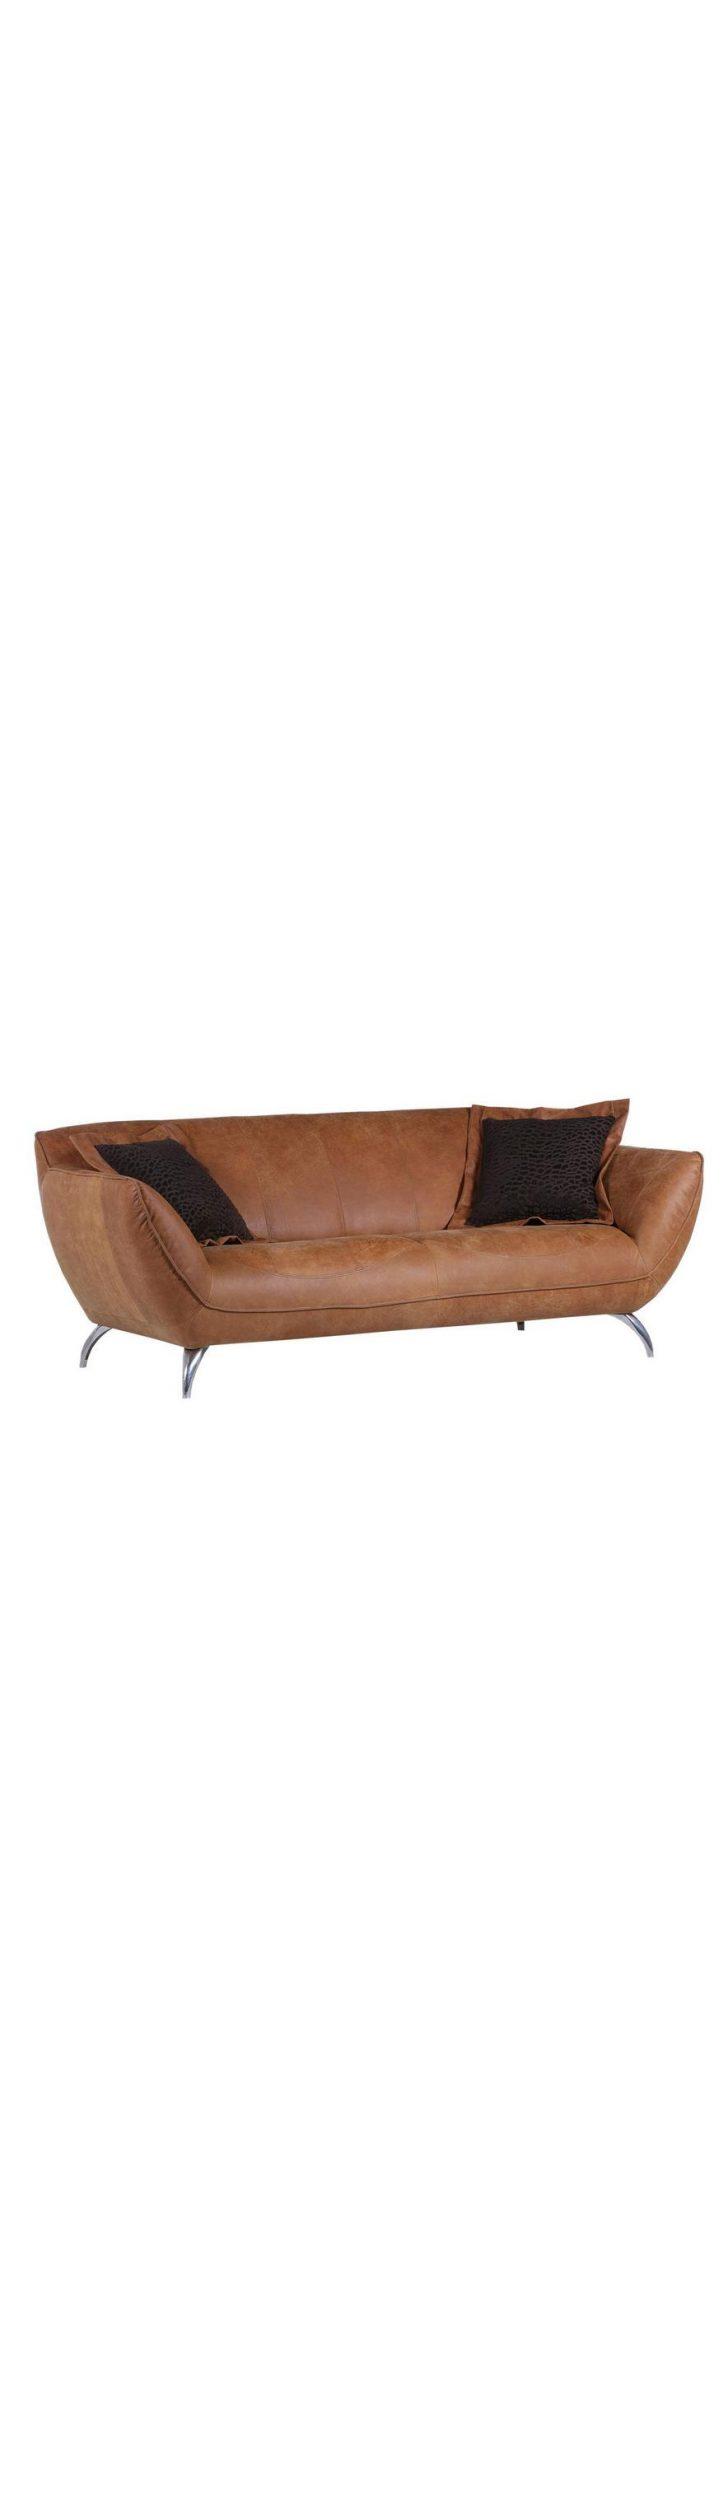 Medium Size of Zweisitzer Sofa In Hellbraun Online Bestellen Walter Knoll Liege Schlaffunktion Rotes Rund Schlaf Marken Blau Büffelleder Weißes Mit Federkern 2 Sitzer Big Sofa Zweisitzer Sofa